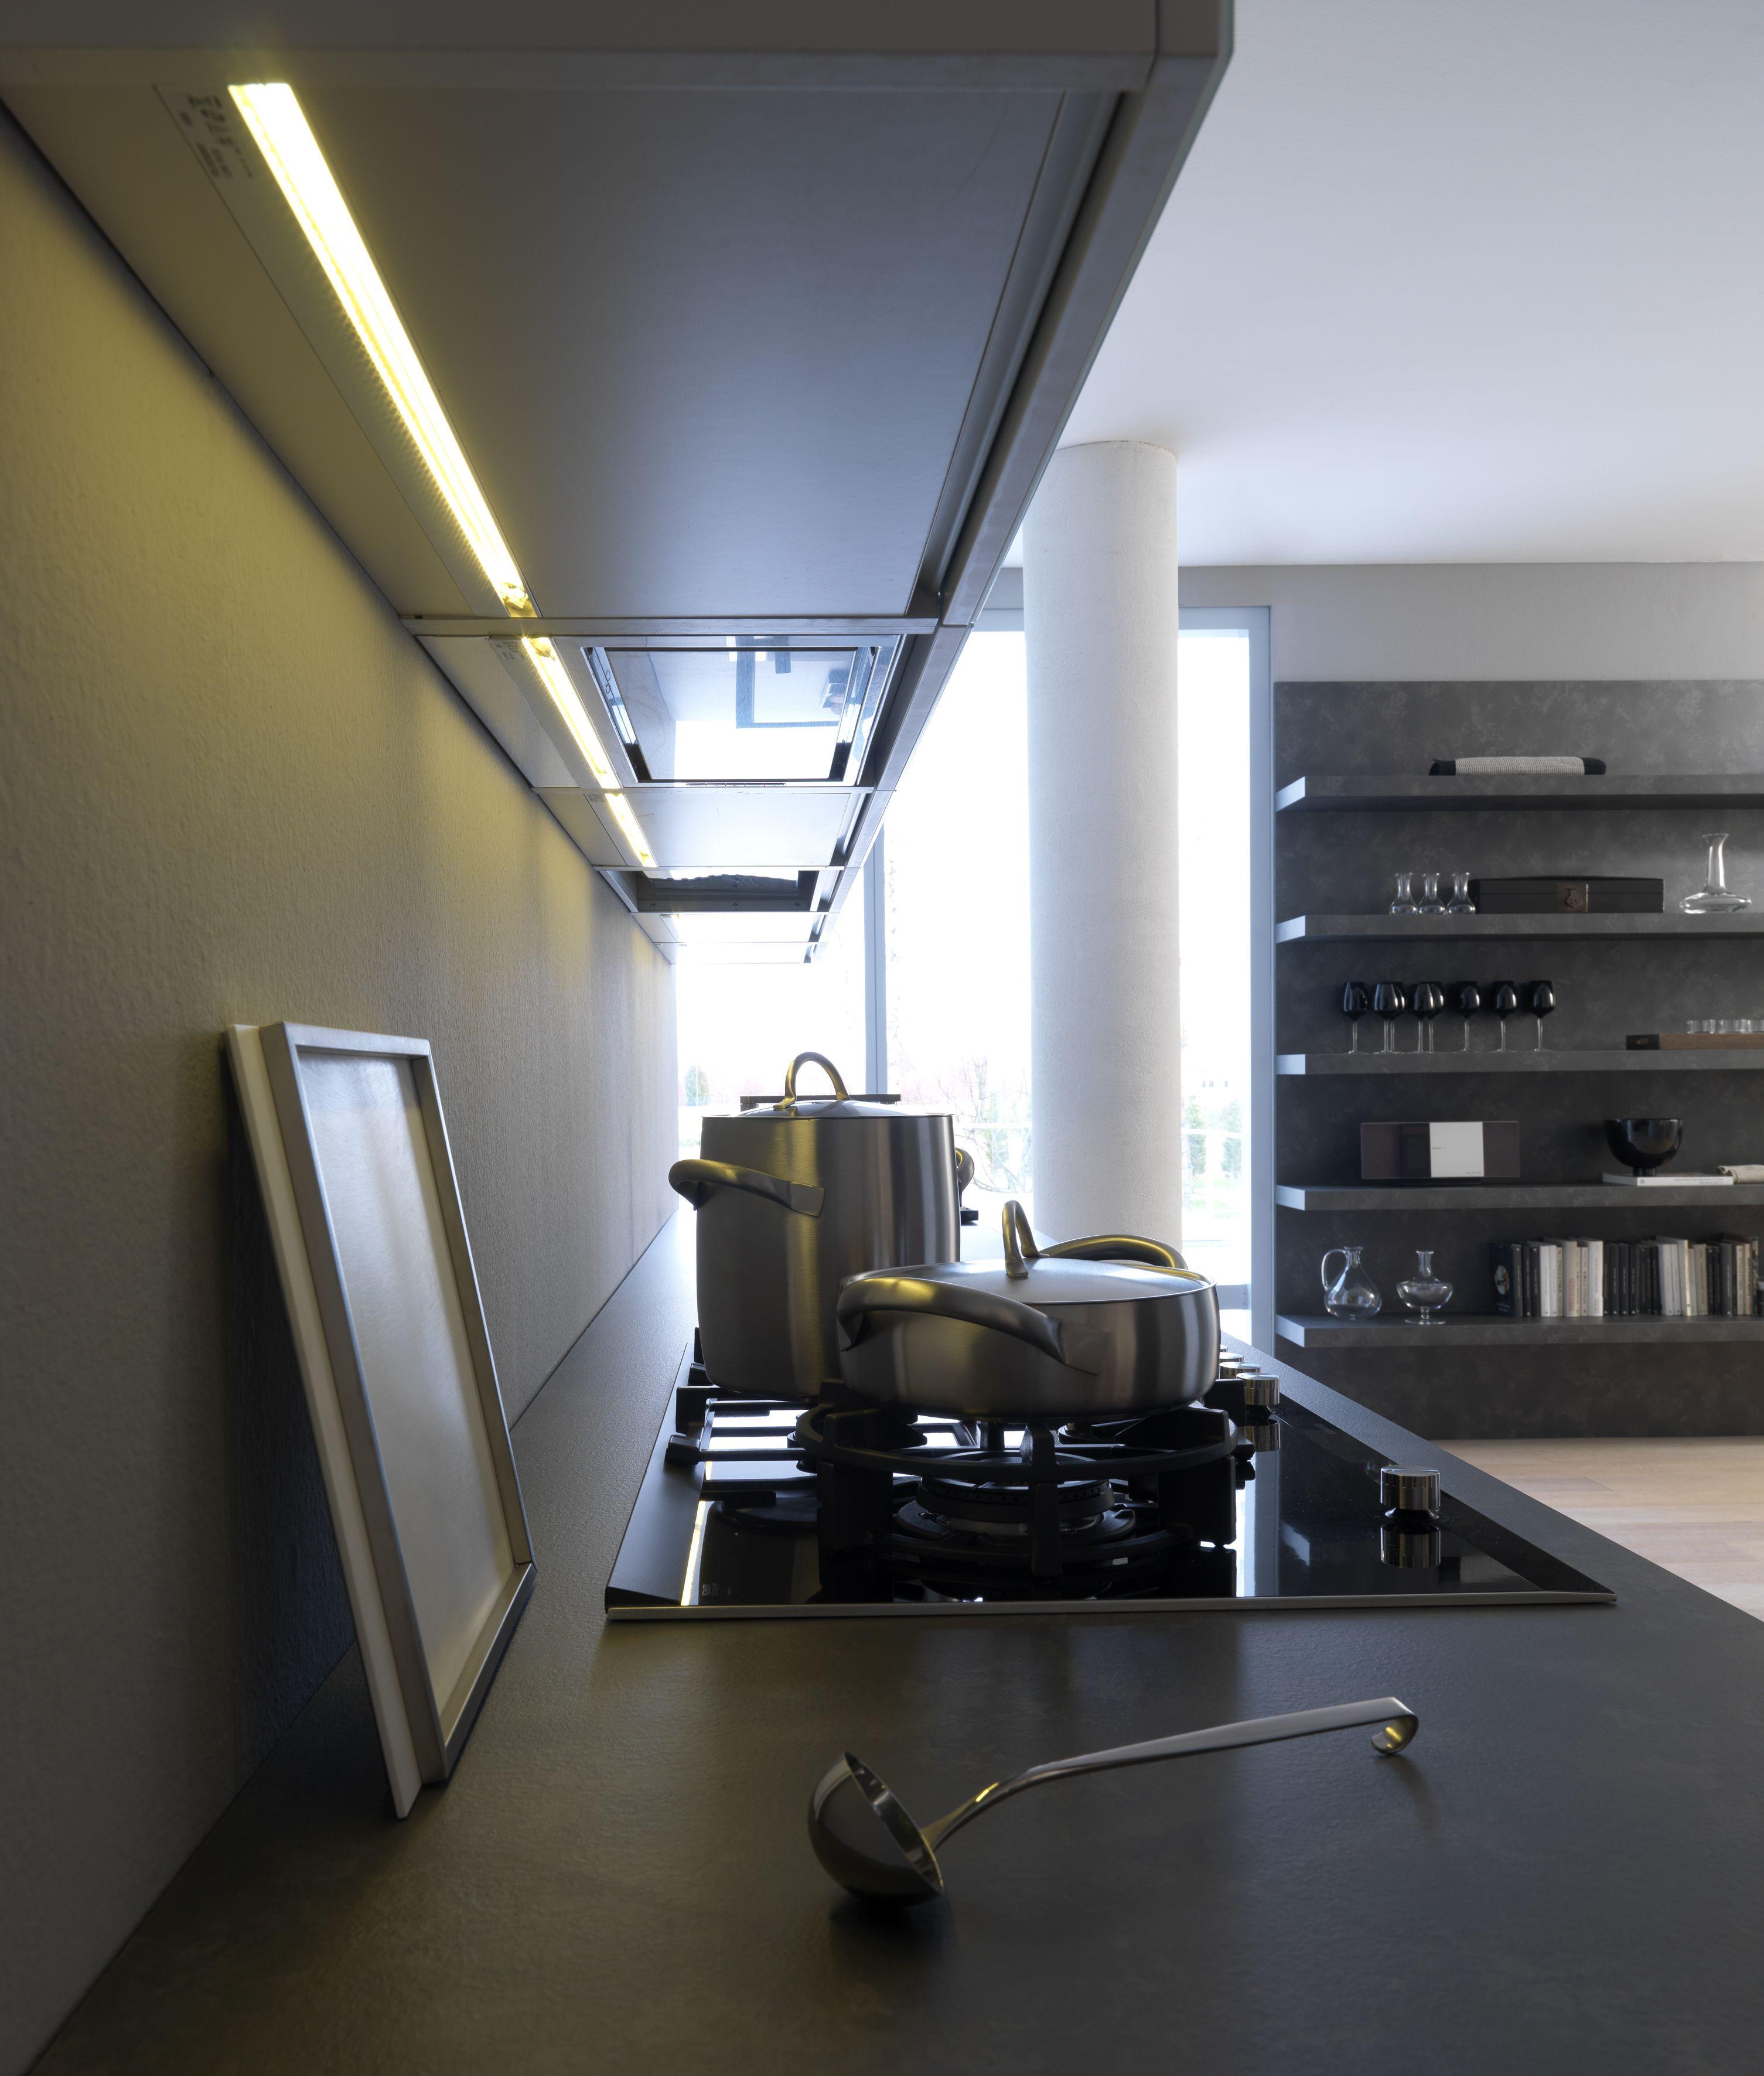 Modulnova Concept Line Kitchen Look Up An Integrated